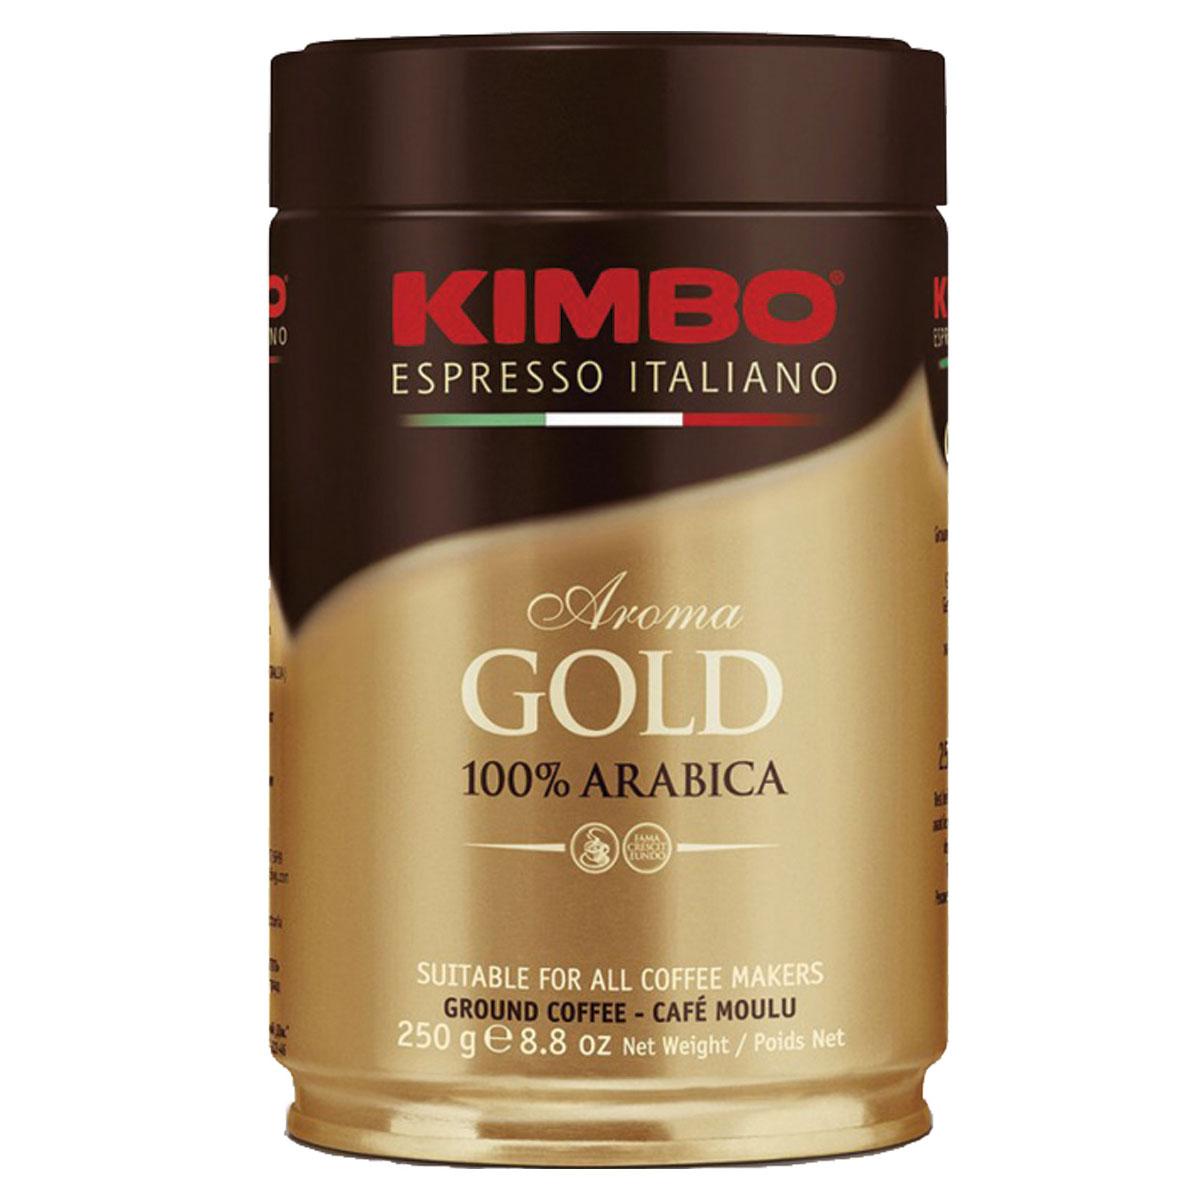 Kimbo Aroma Gold 100% Arabica кофе молотый, 250 г (ж/б)8002200102128Натуральный жареный молотый кофе Kimbo Gold 100% Arabica. Смесь превосходной арабики отличается нежным вкусом, мягкой кислинкой и тонкимароматом. Состав смеси: 100% арабика.